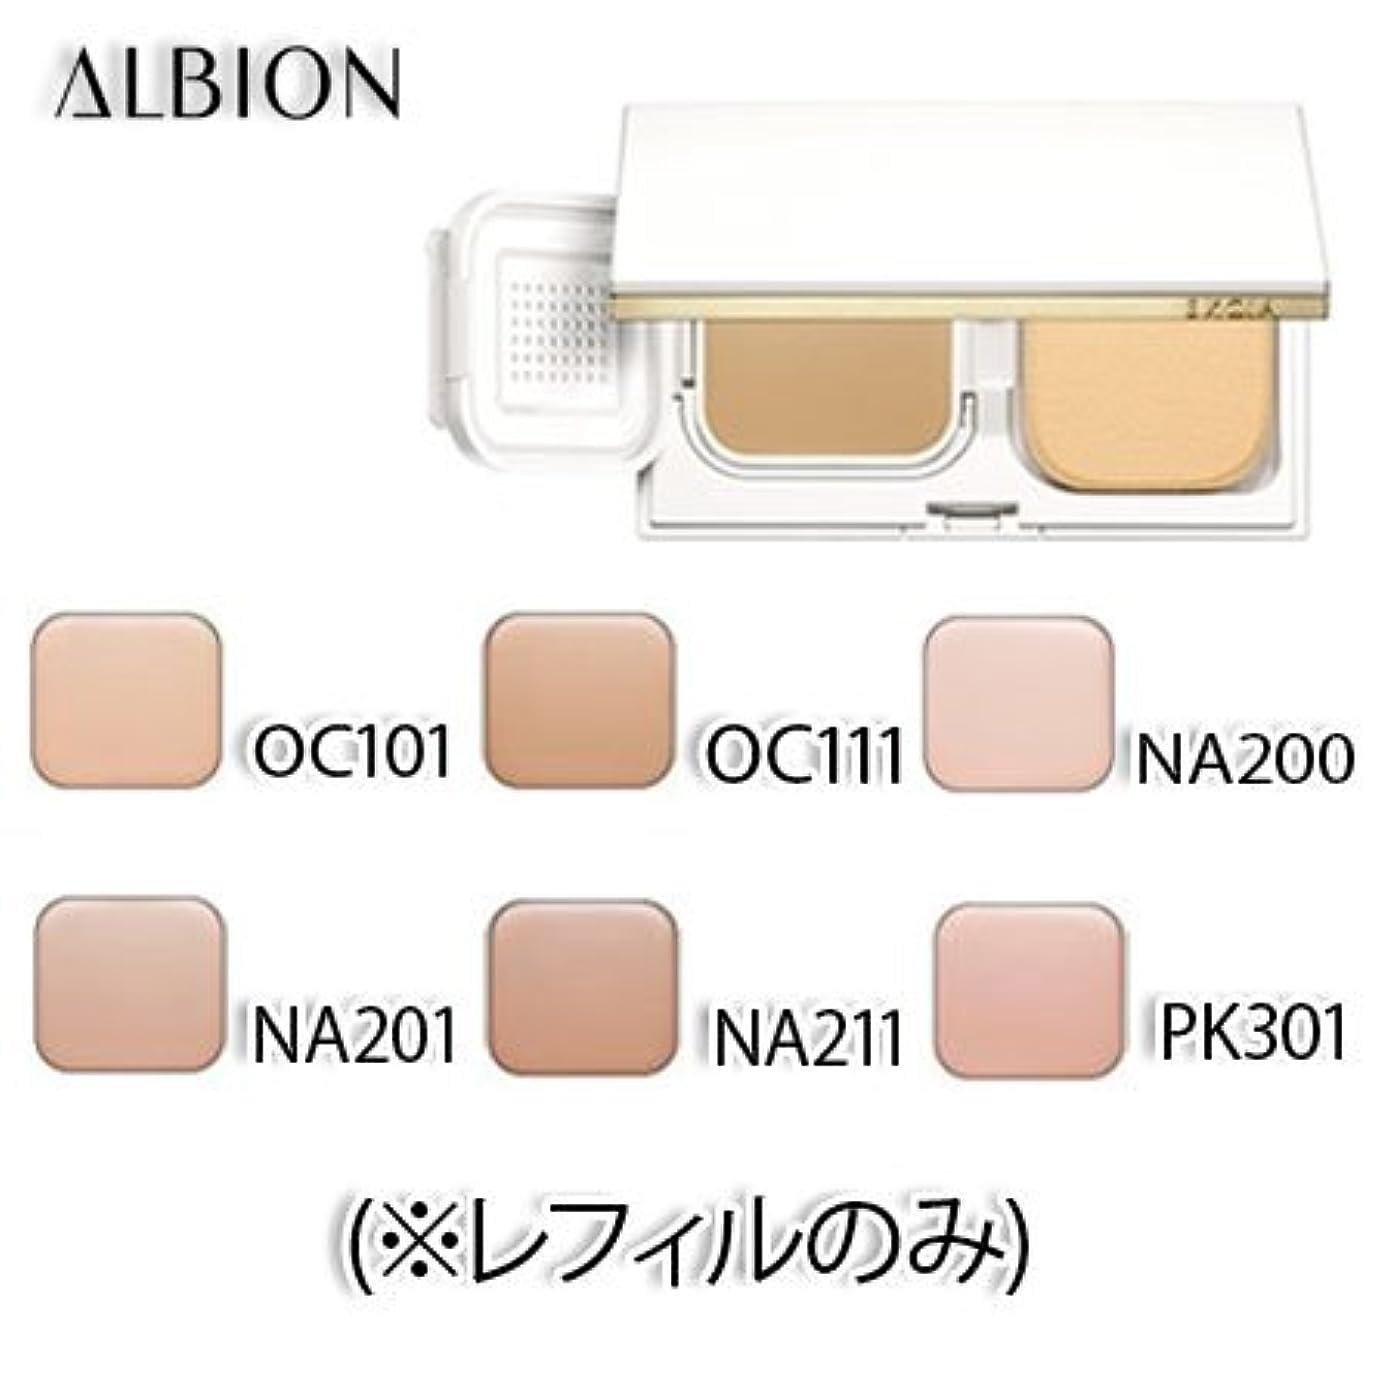 ゲスト定義するひどくアルビオン エクシア AL リフティング エマルジョン ホワイト 6色 SPF47 PA++++ (レフィルのみ) -ALBION- NA200